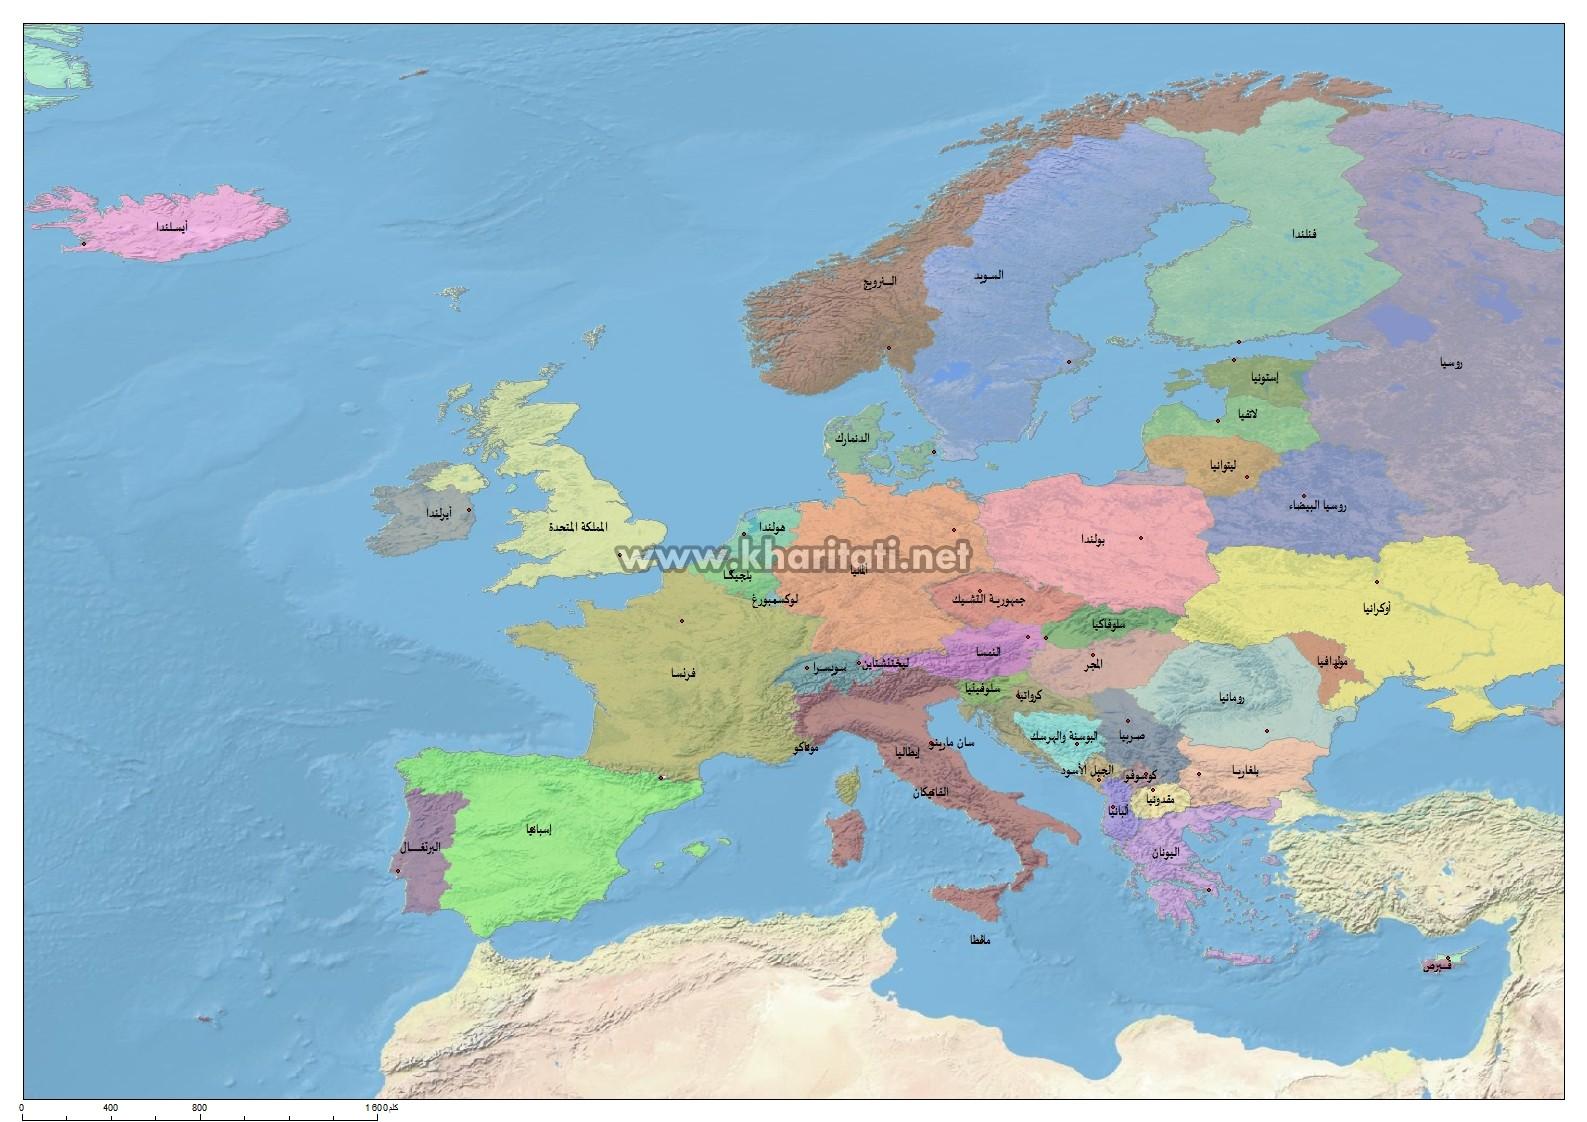 خريطة-اوروبا-سياسية-3.jpg